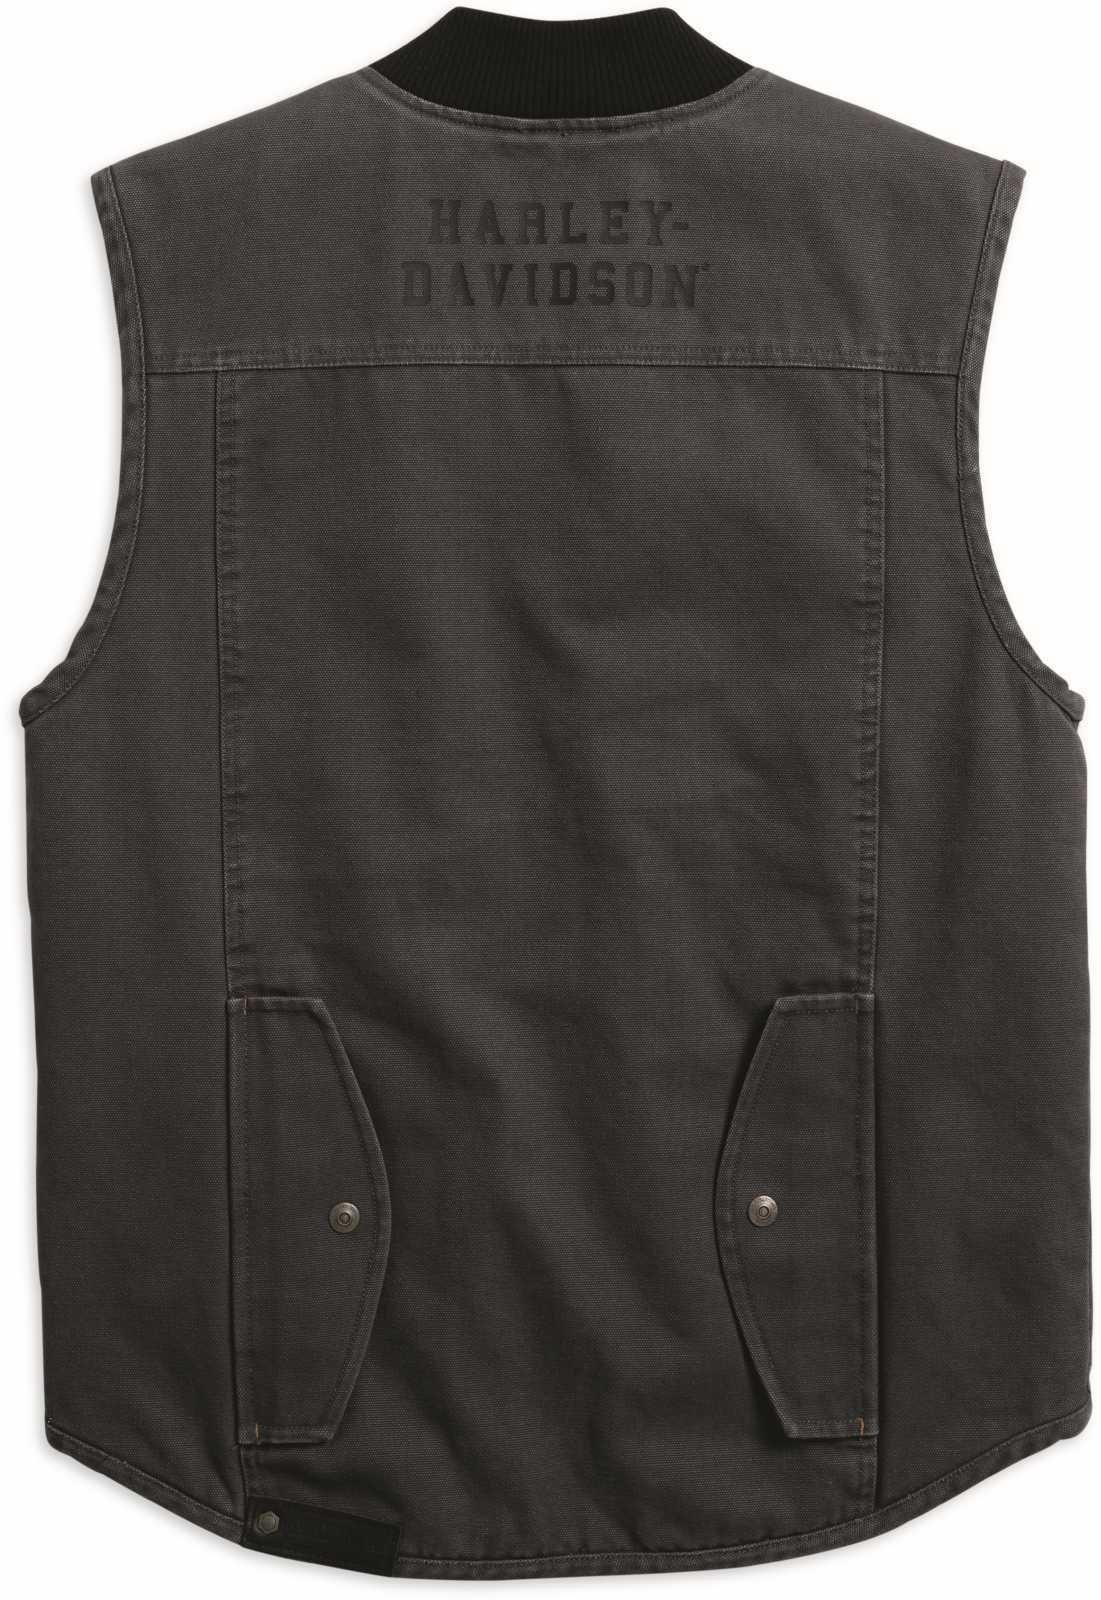 Harley Davidson Men/'s 5 Pocket Canvas Pants